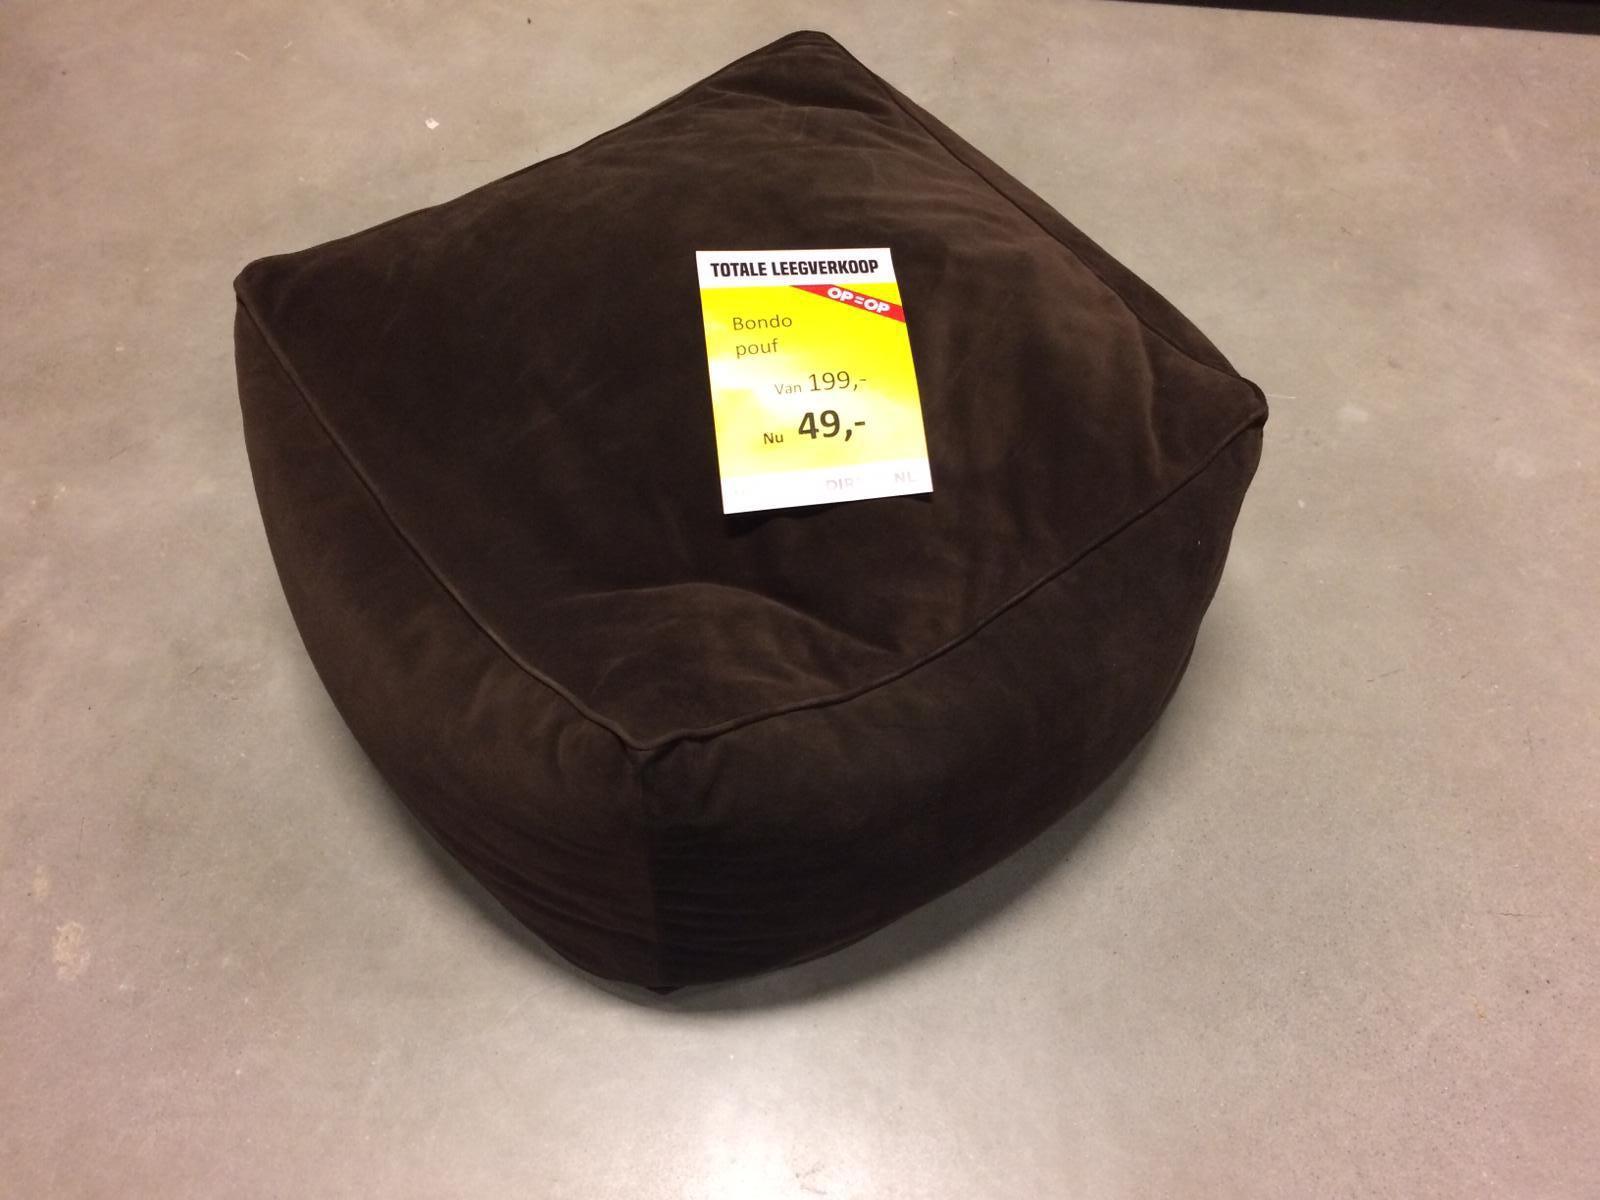 Bondo pouf bruin